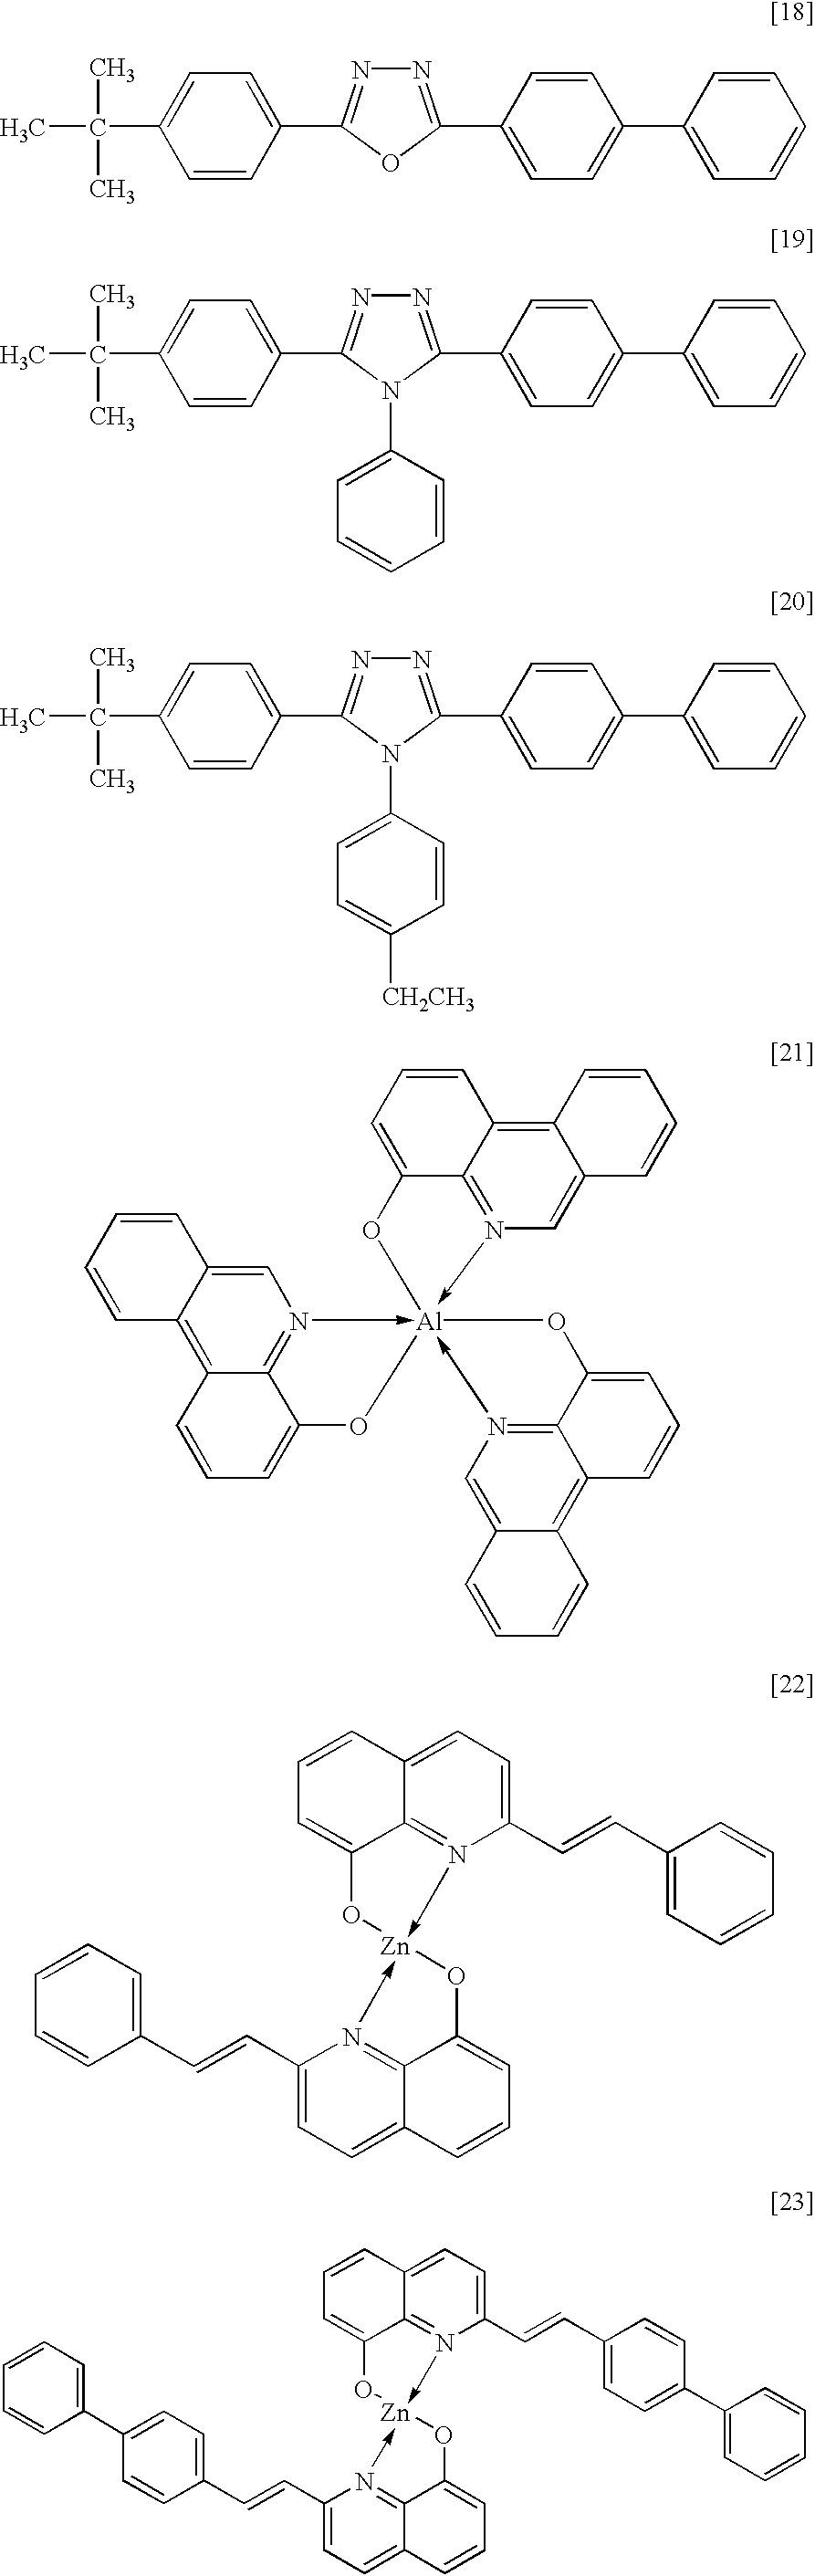 Figure US06900457-20050531-C00005